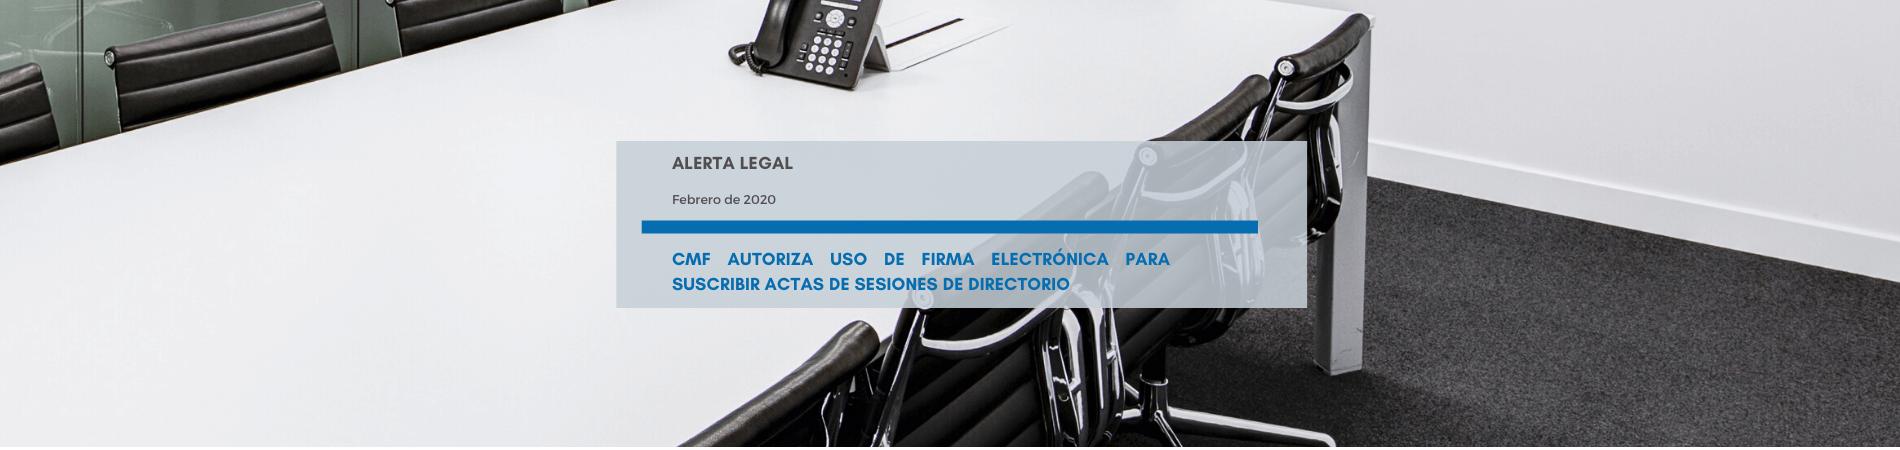 Alerta Legal | CMF autoriza uso de firma electrónica para suscribir actas de sesiones de directorio